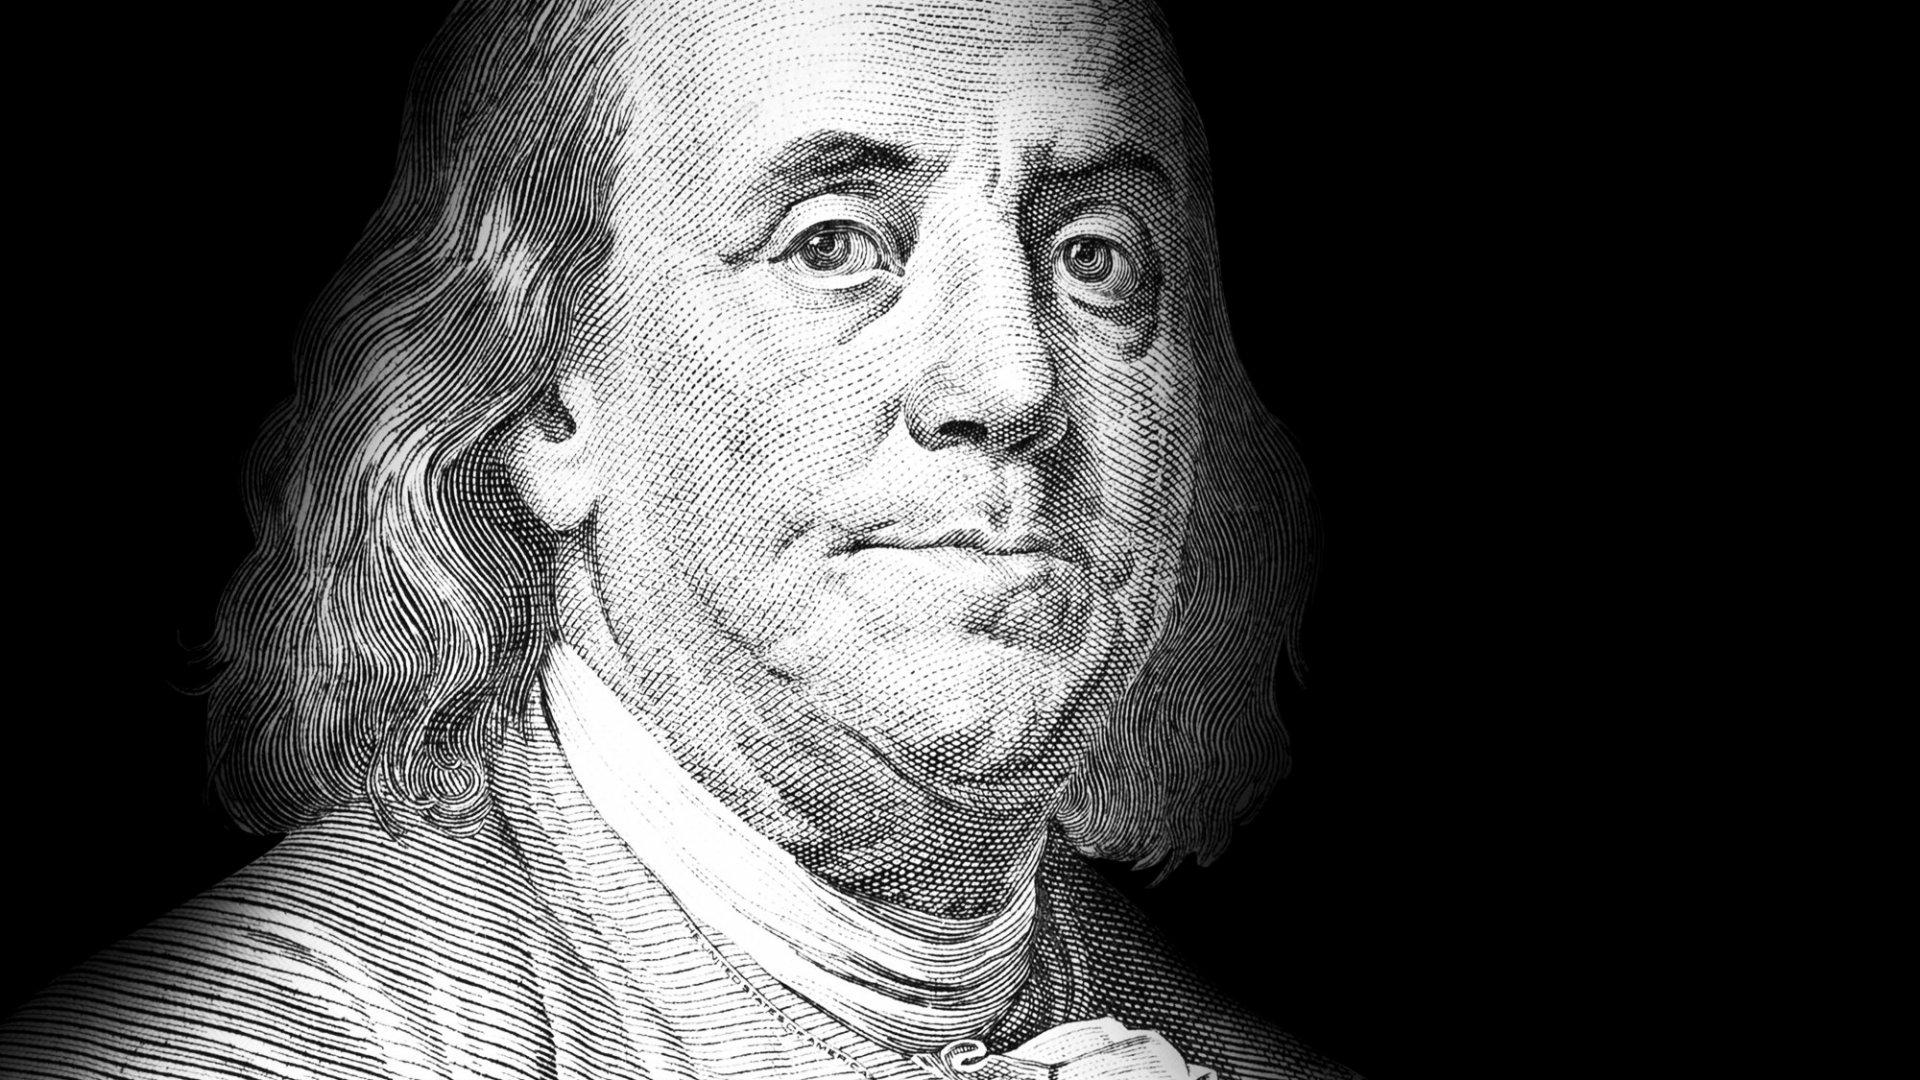 Benjamin Franklin photo #81748, Benjamin Franklin image